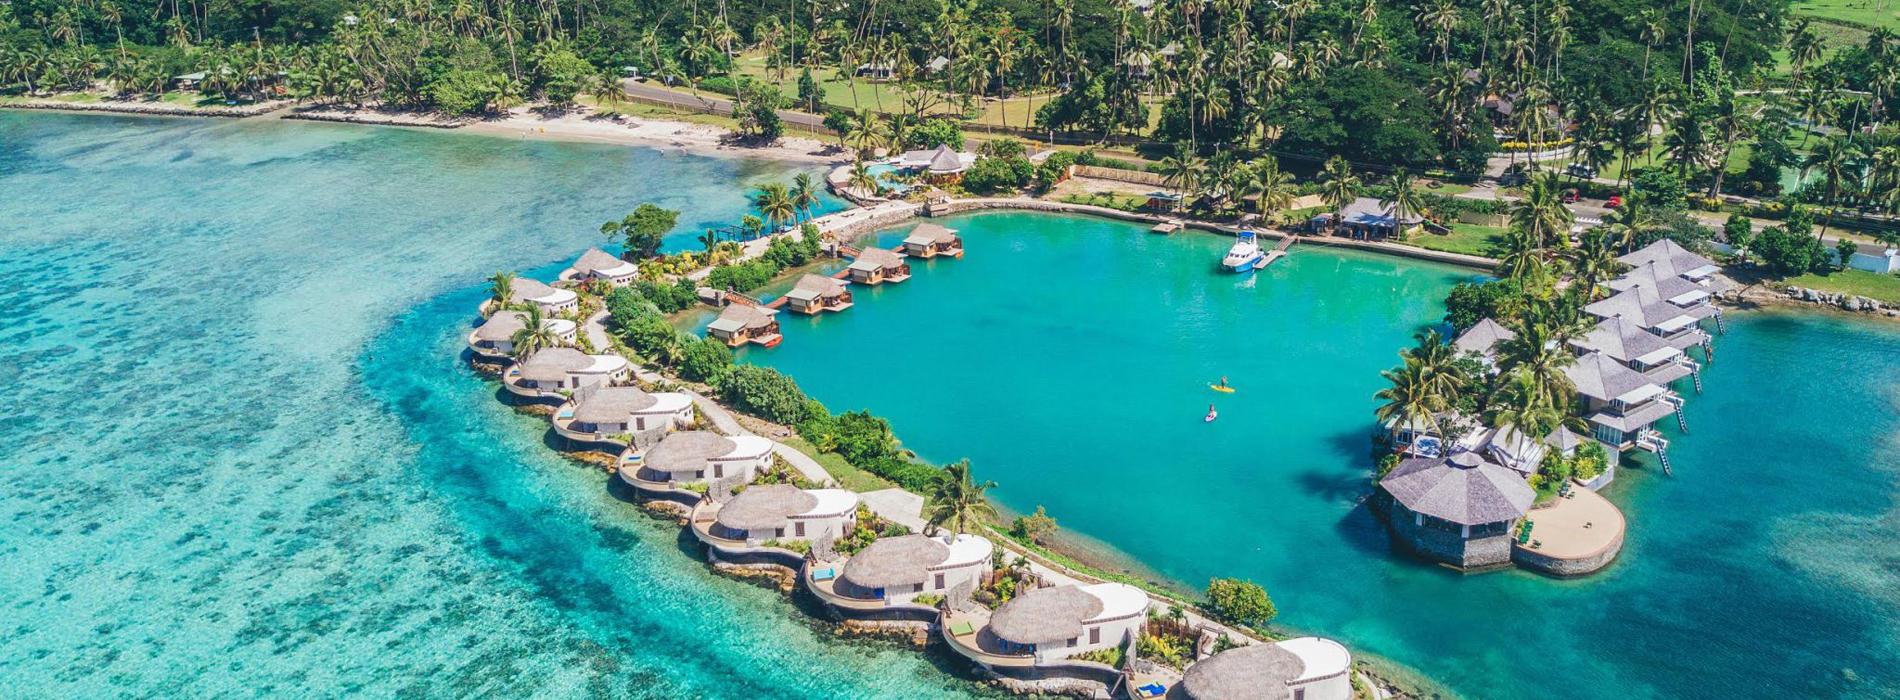 koro sun resort fiji